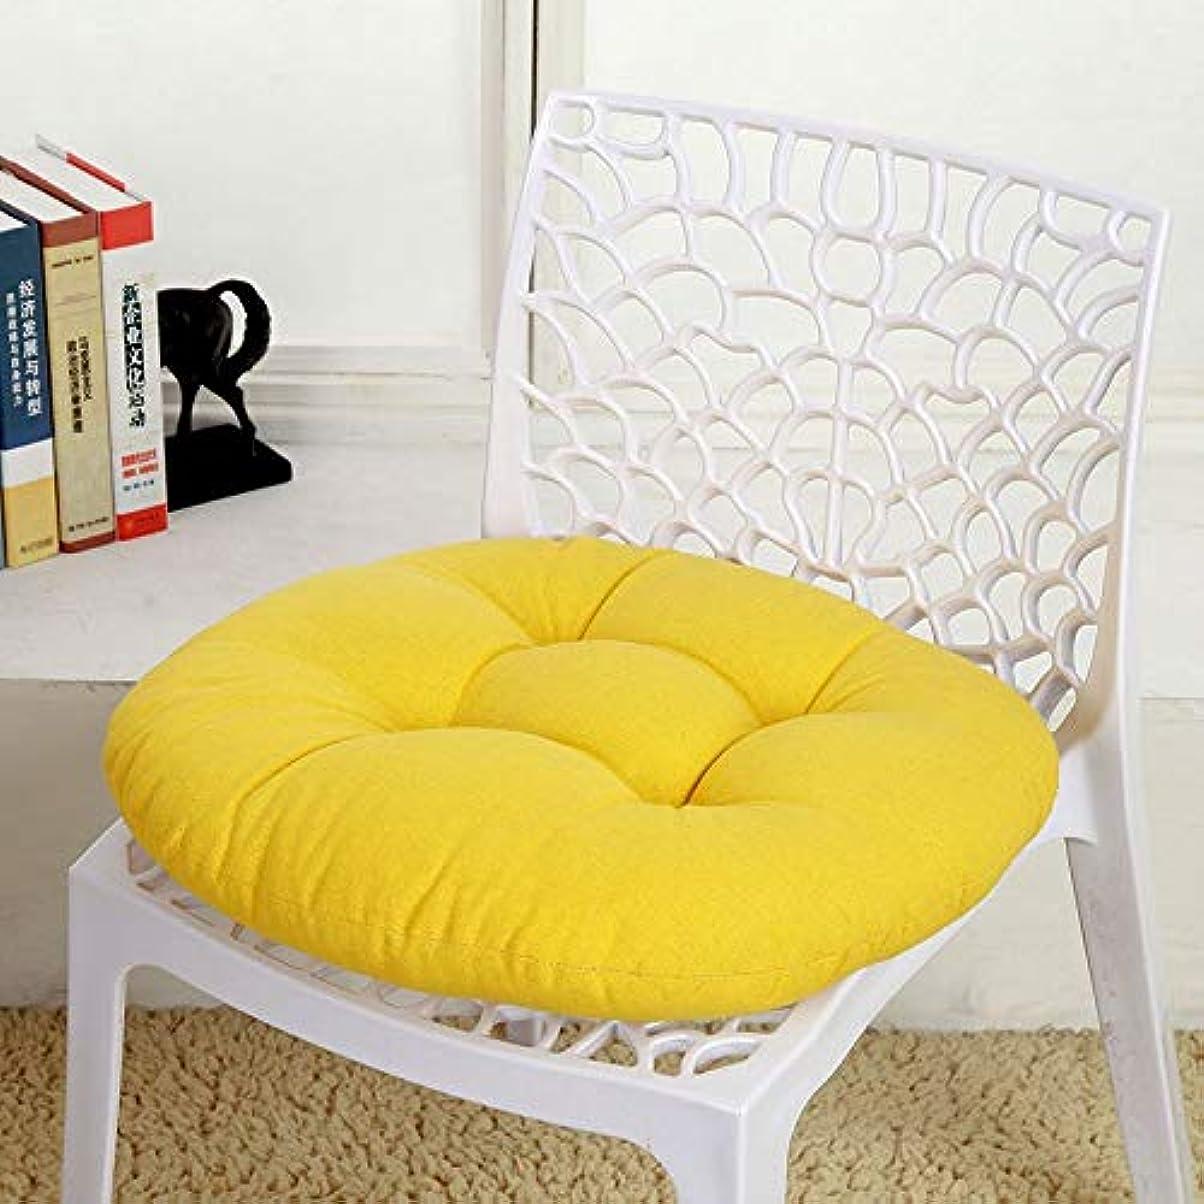 折る怪物図LIFE キャンディカラーのクッションラウンドシートクッション波ウィンドウシートクッションクッション家の装飾パッドラウンド枕シート枕椅子座る枕 クッション 椅子